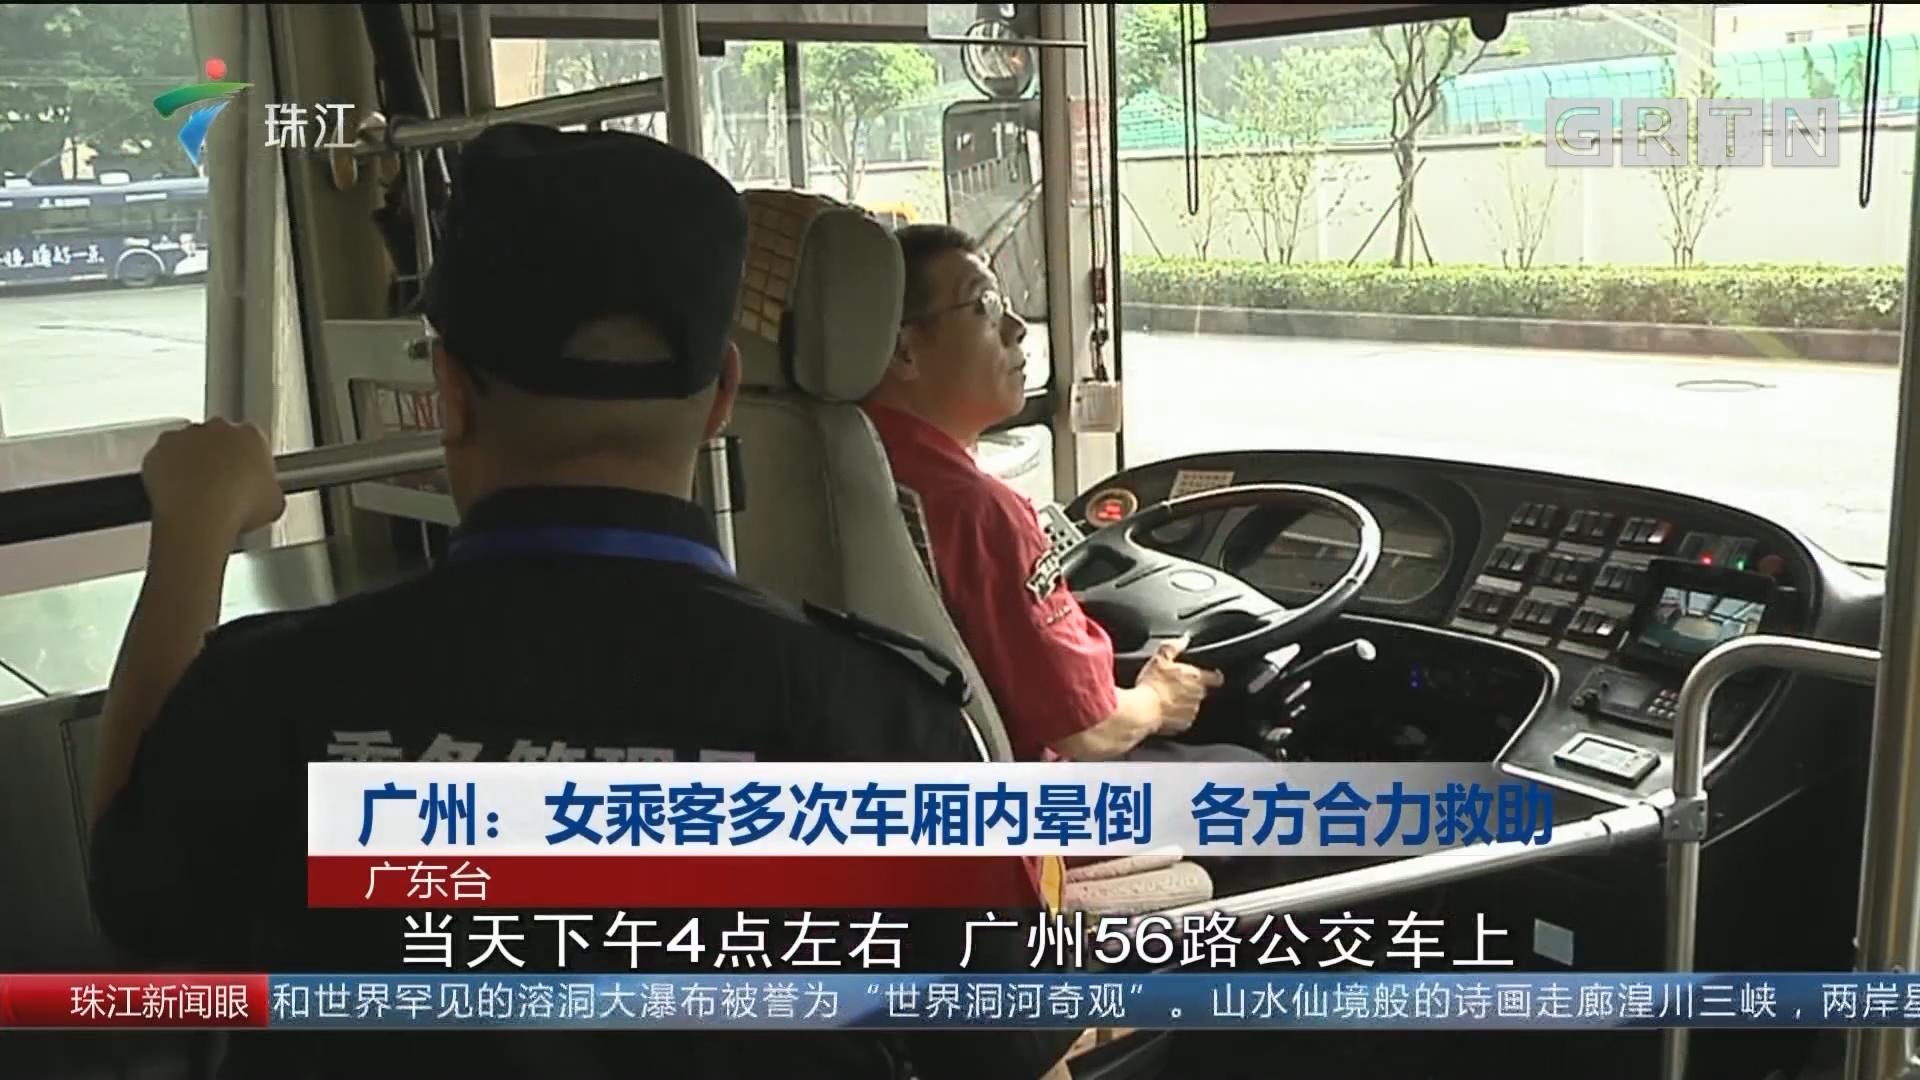 广州:女乘客多次车厢内晕倒 各方合力救助